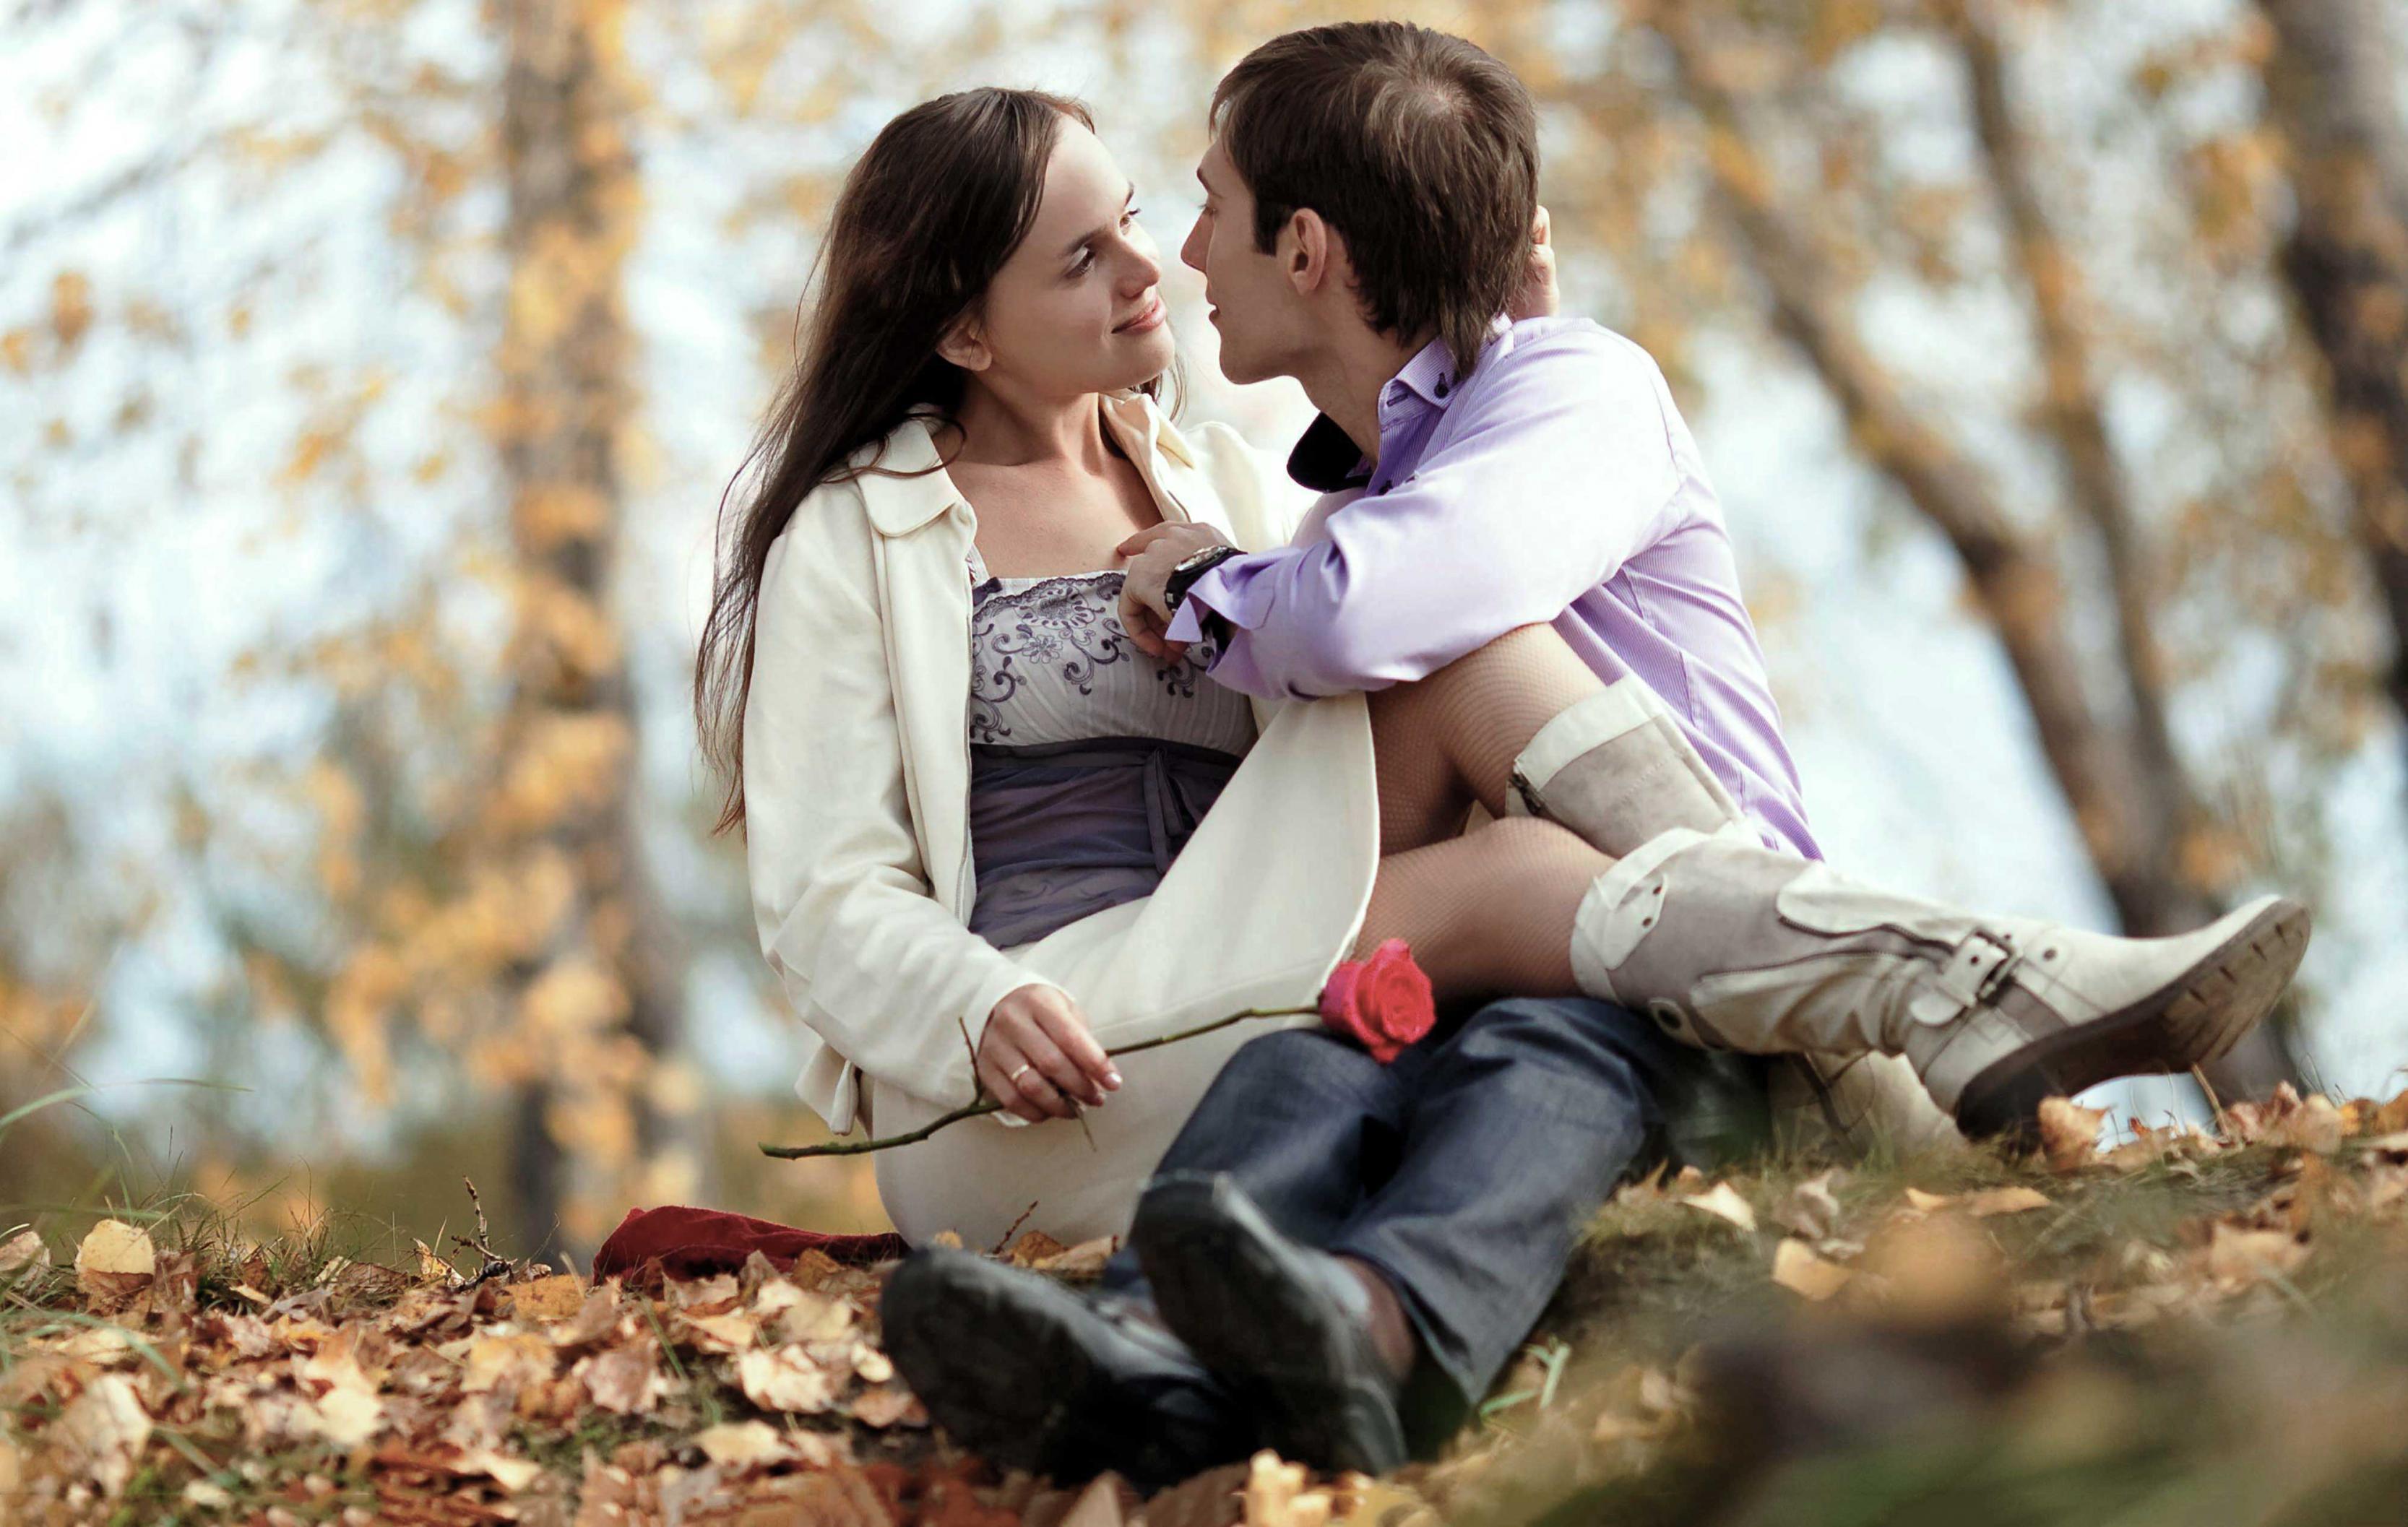 بالصور صور حب رومنسيه , اجمل صور الاشواق و الحب 1638 1